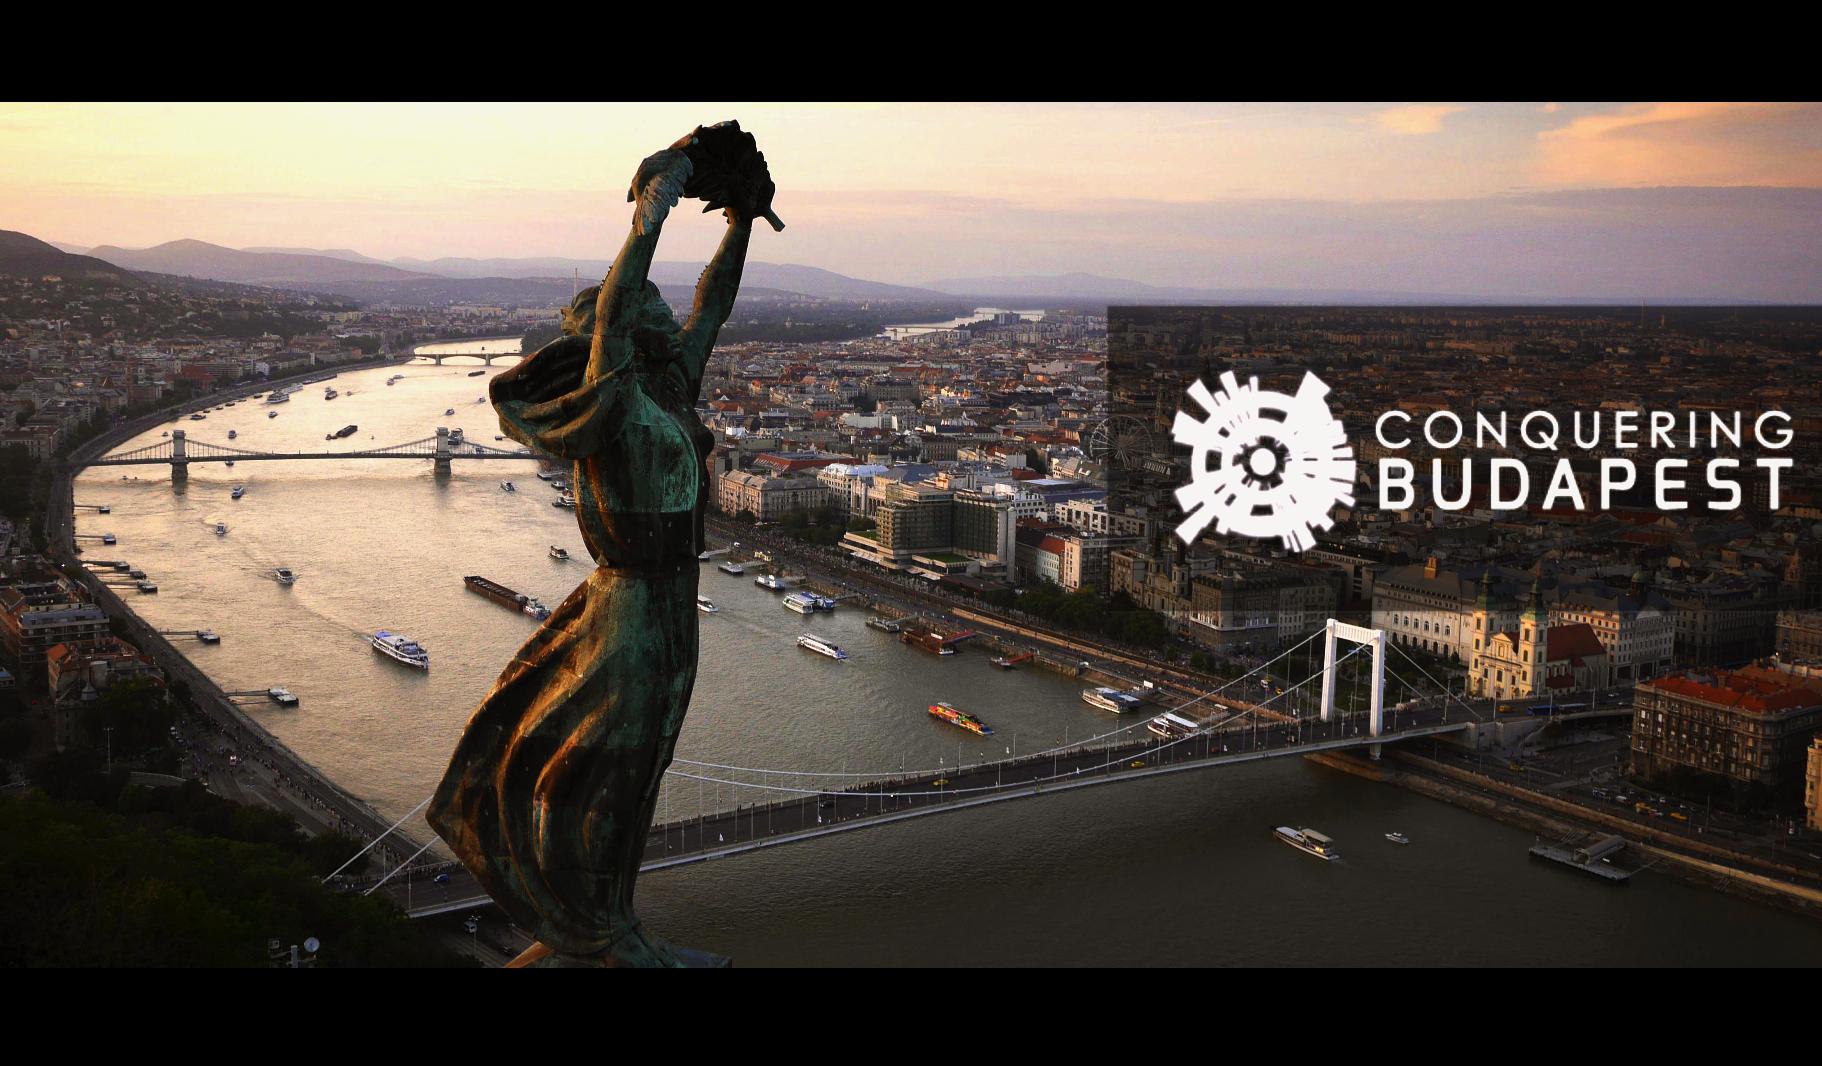 CONQUERING BUDAPEST